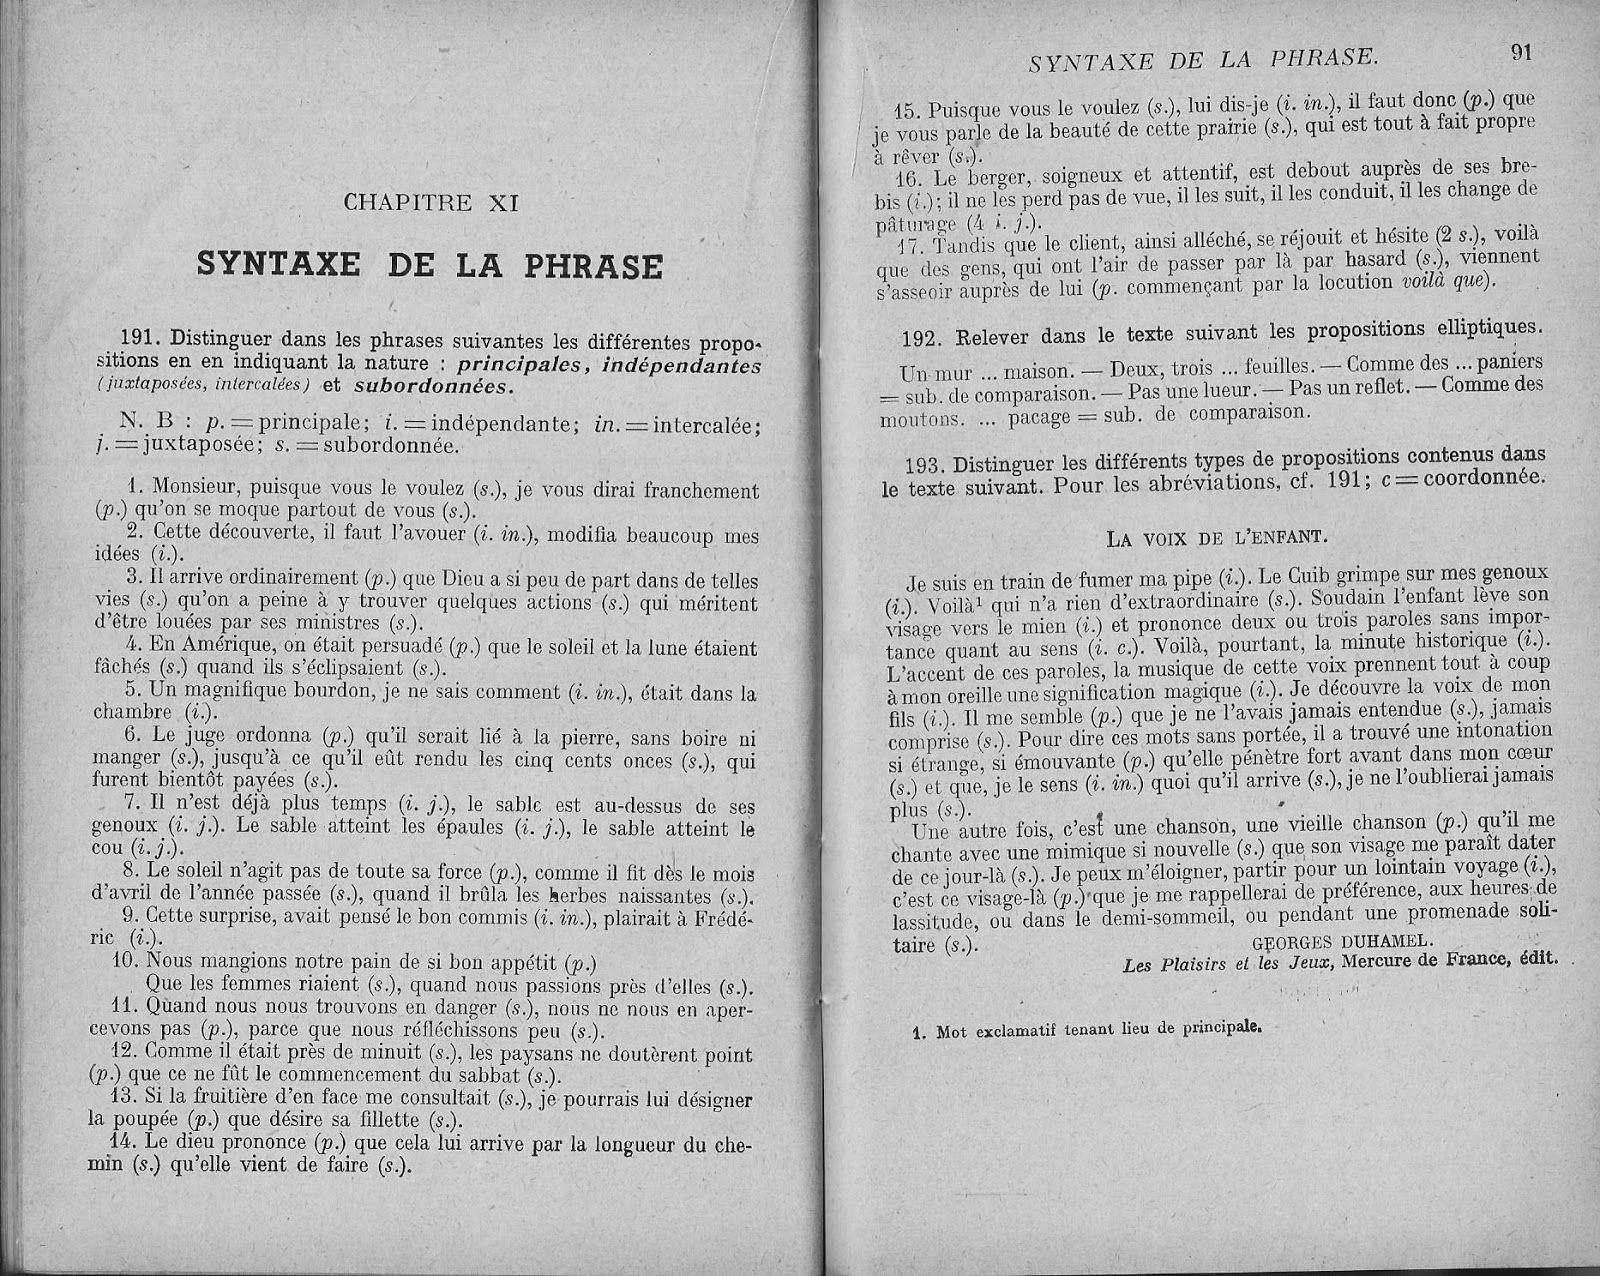 Bloch Georgin Exercices Sur La Grammaire Francaise 6e Corriges 1936 La Grammaire Francaise Grammaire Francaise La Grammaire